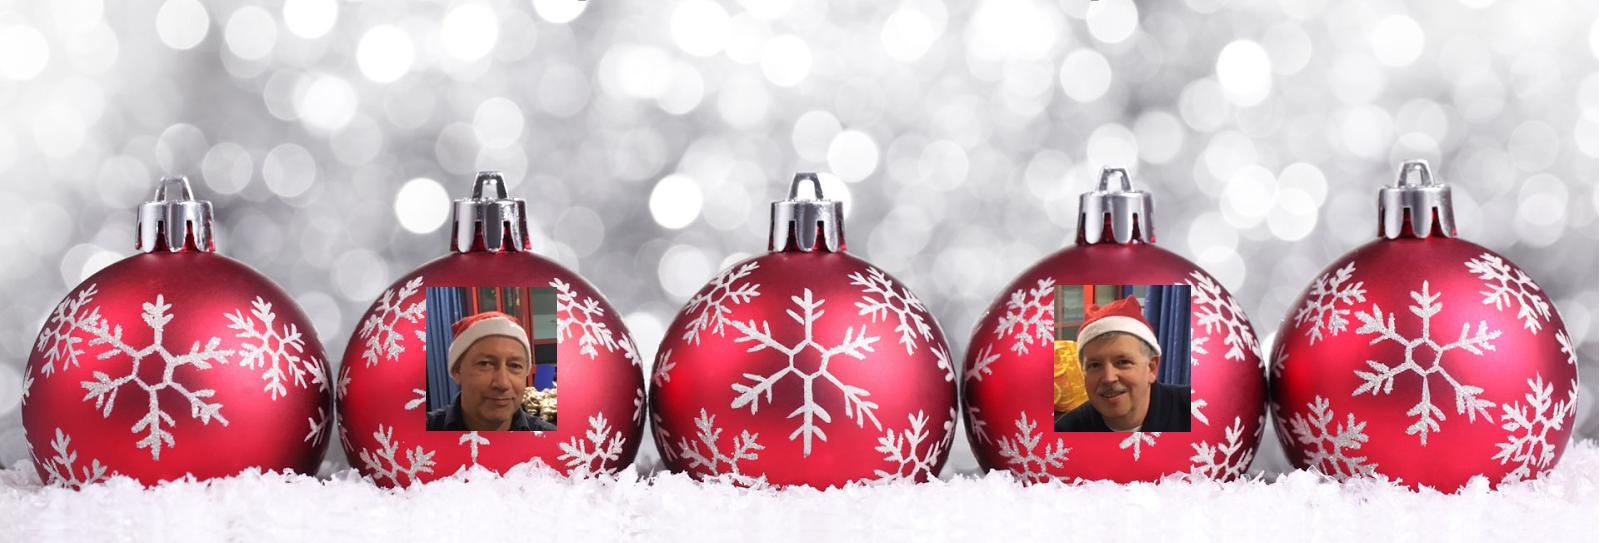 Aankondiging Kersttoernooi